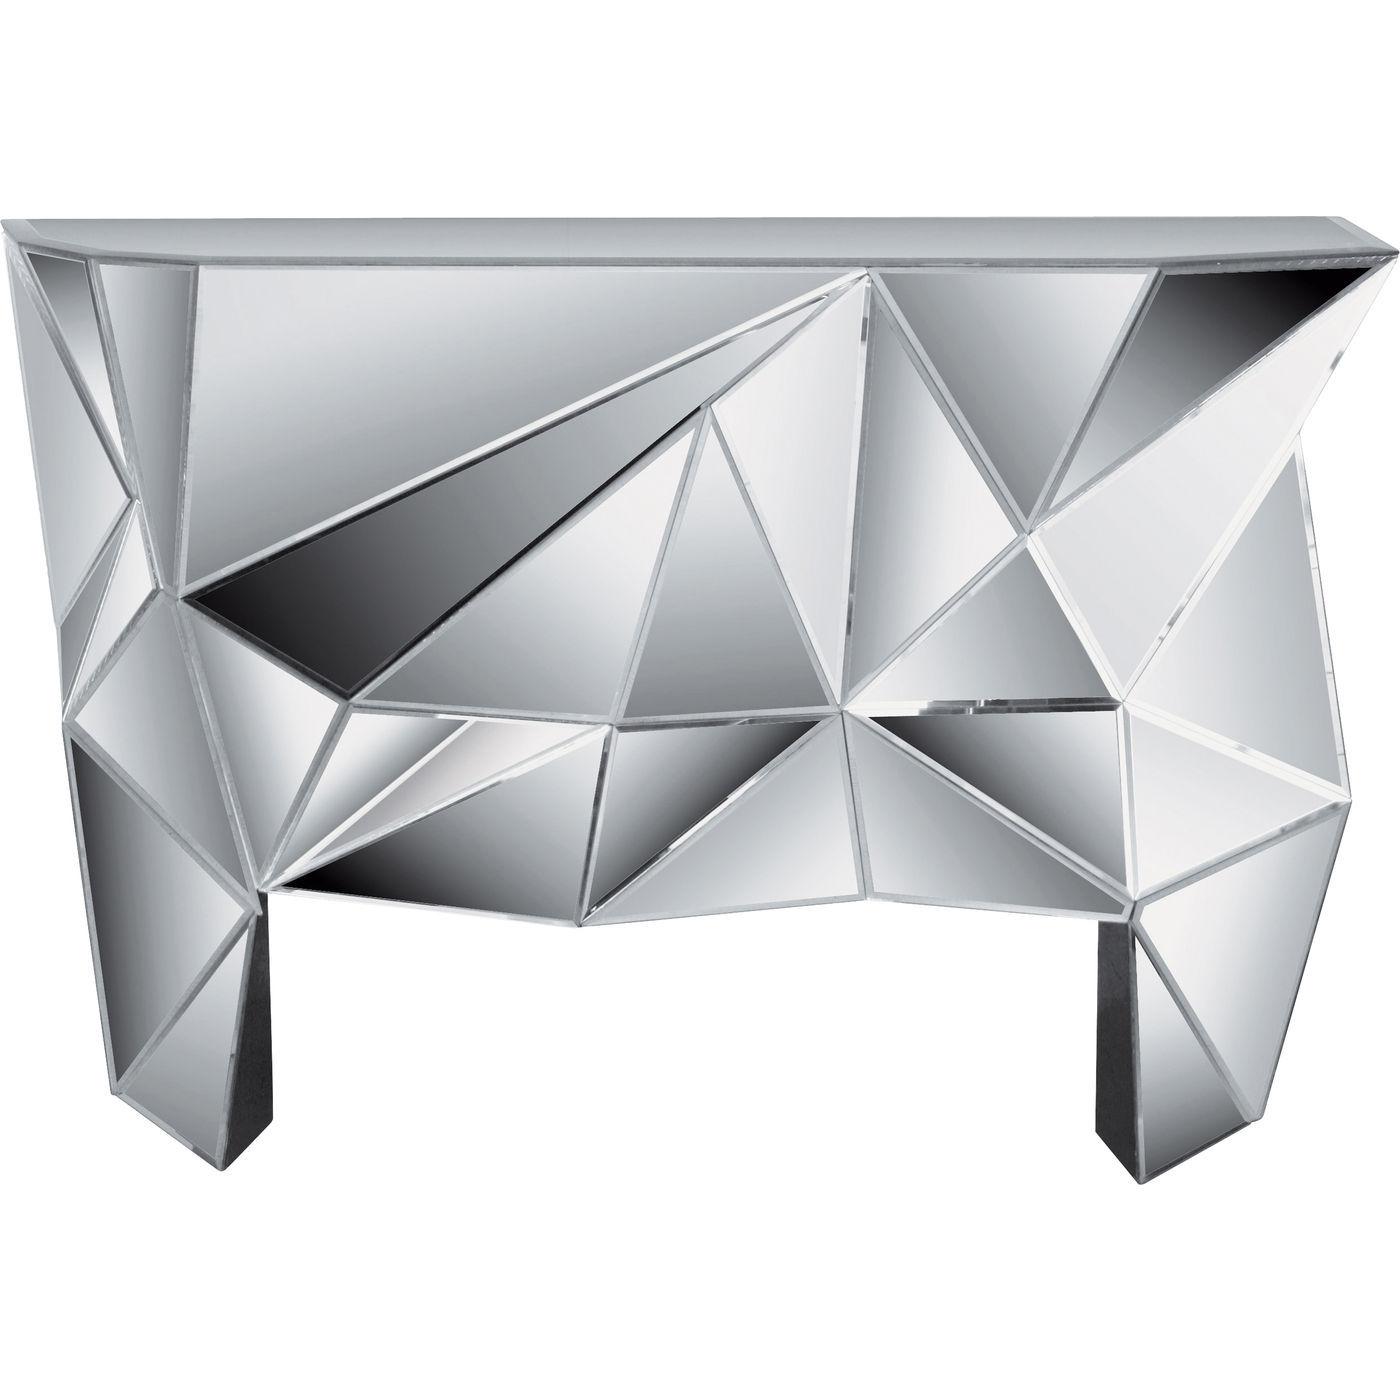 Image of   KARE DESIGN Prisma konsolbord - spejlglas, asymetrisk (126x38,5)